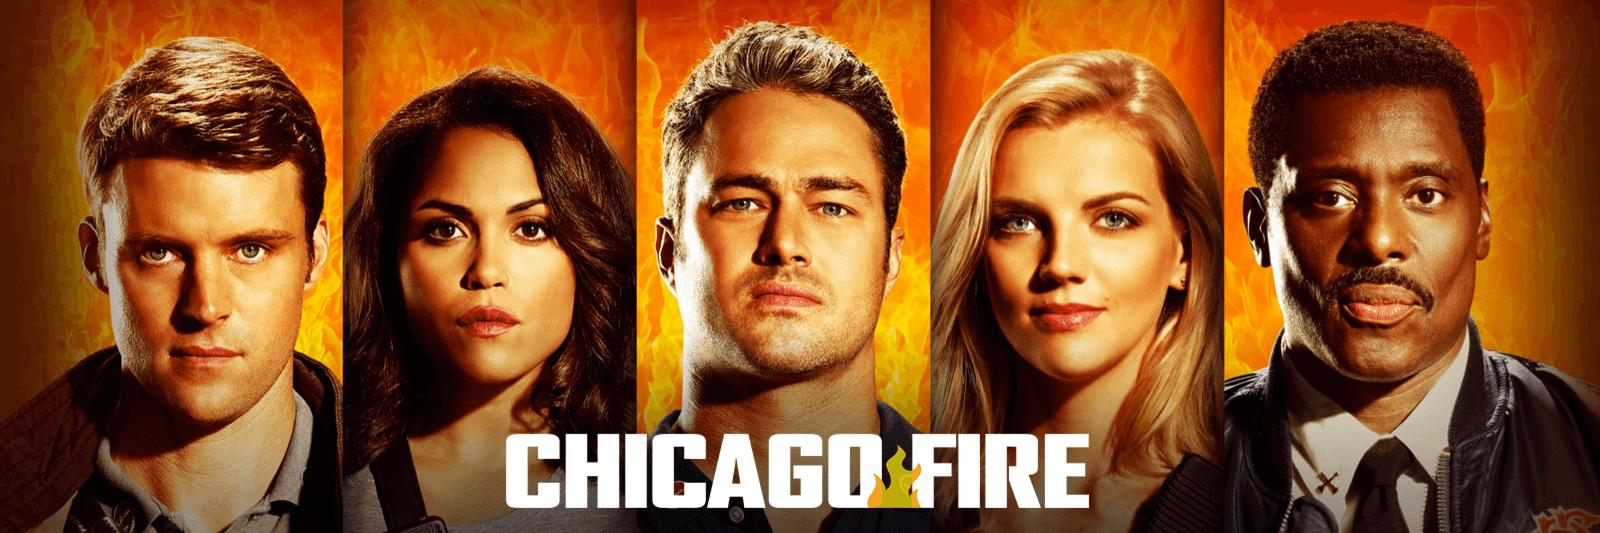 27 chicago fire billboard 005 pre